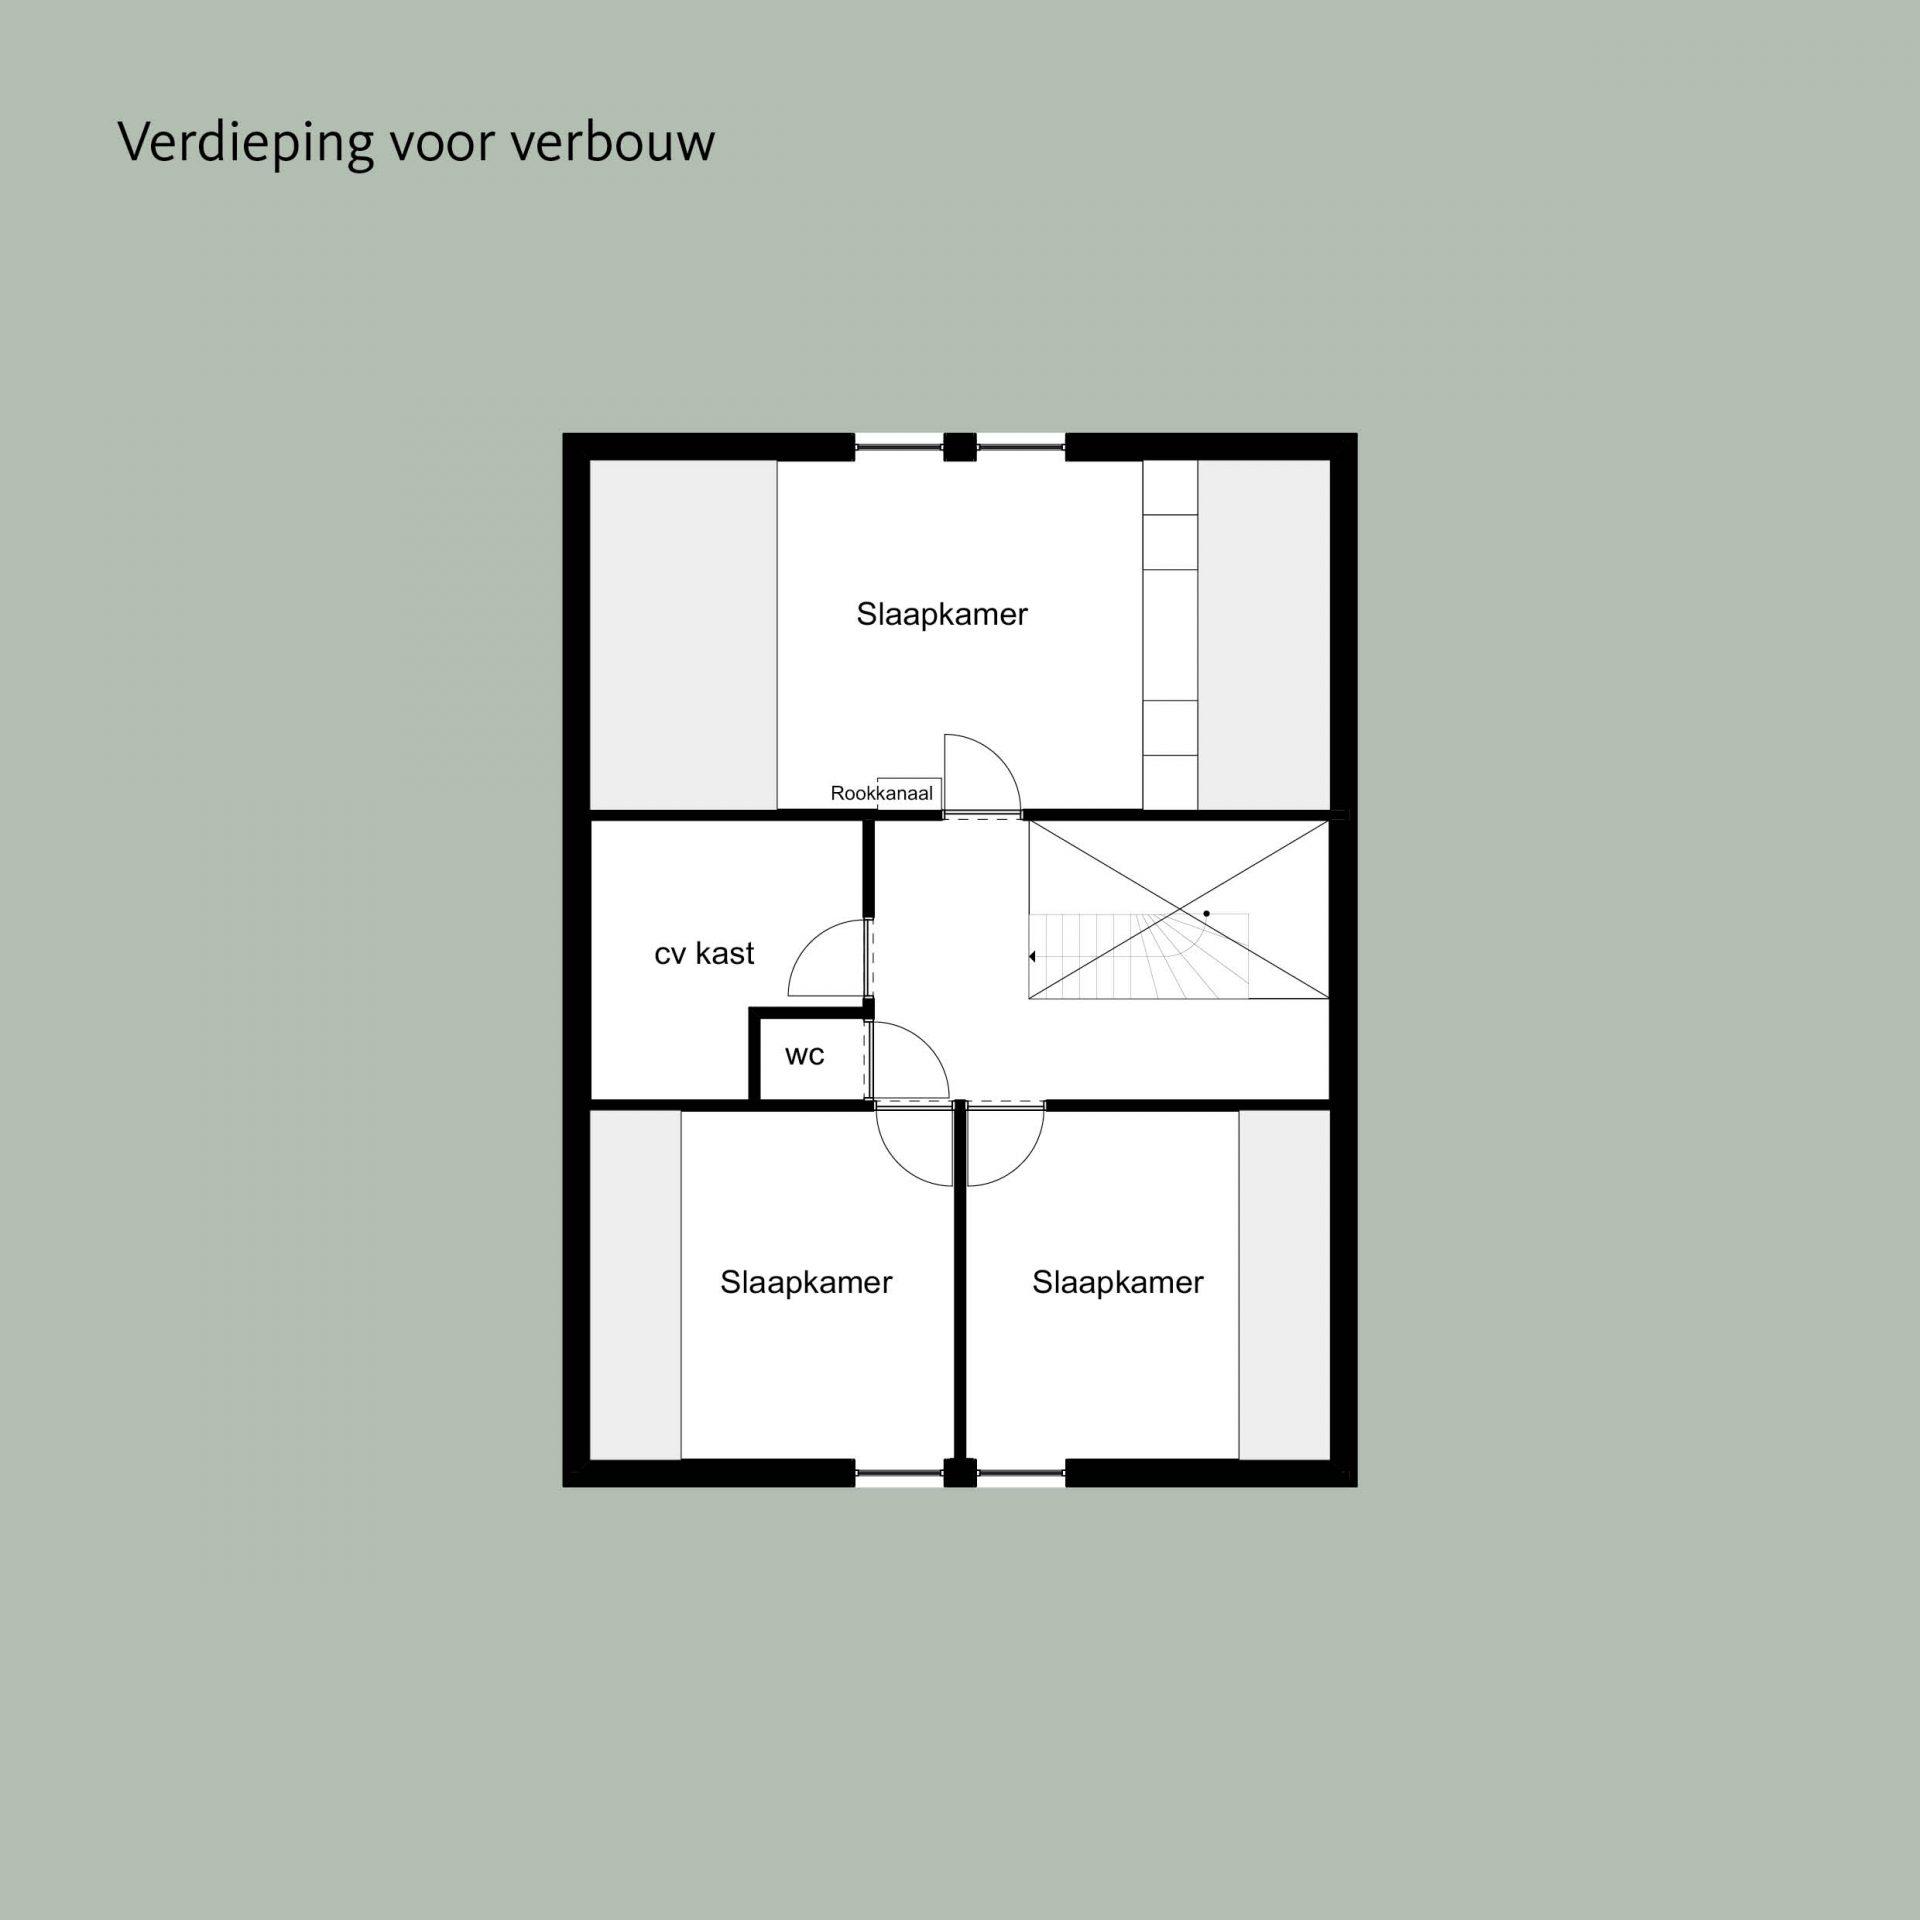 interieurontwerp plattegrond indeling plan gebruik functie interieurarchitect binnenhuisarchitect binnenhuisarchitectuur interieur advies